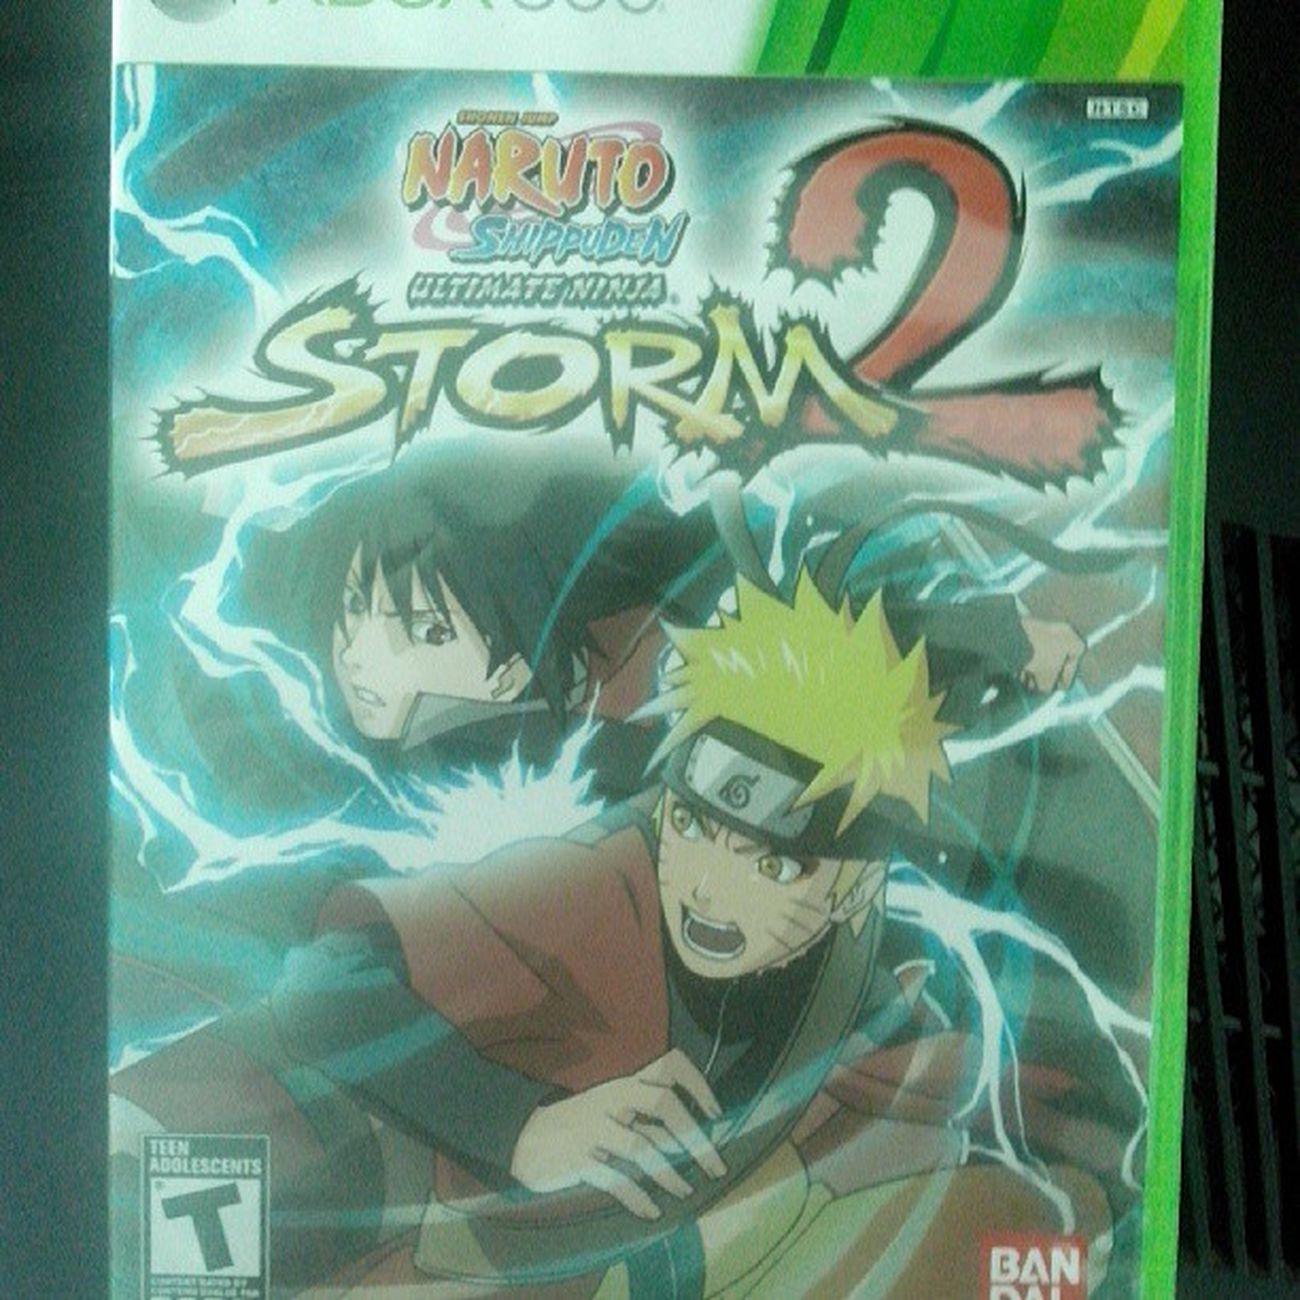 Jogar Storm2 Muito Foda